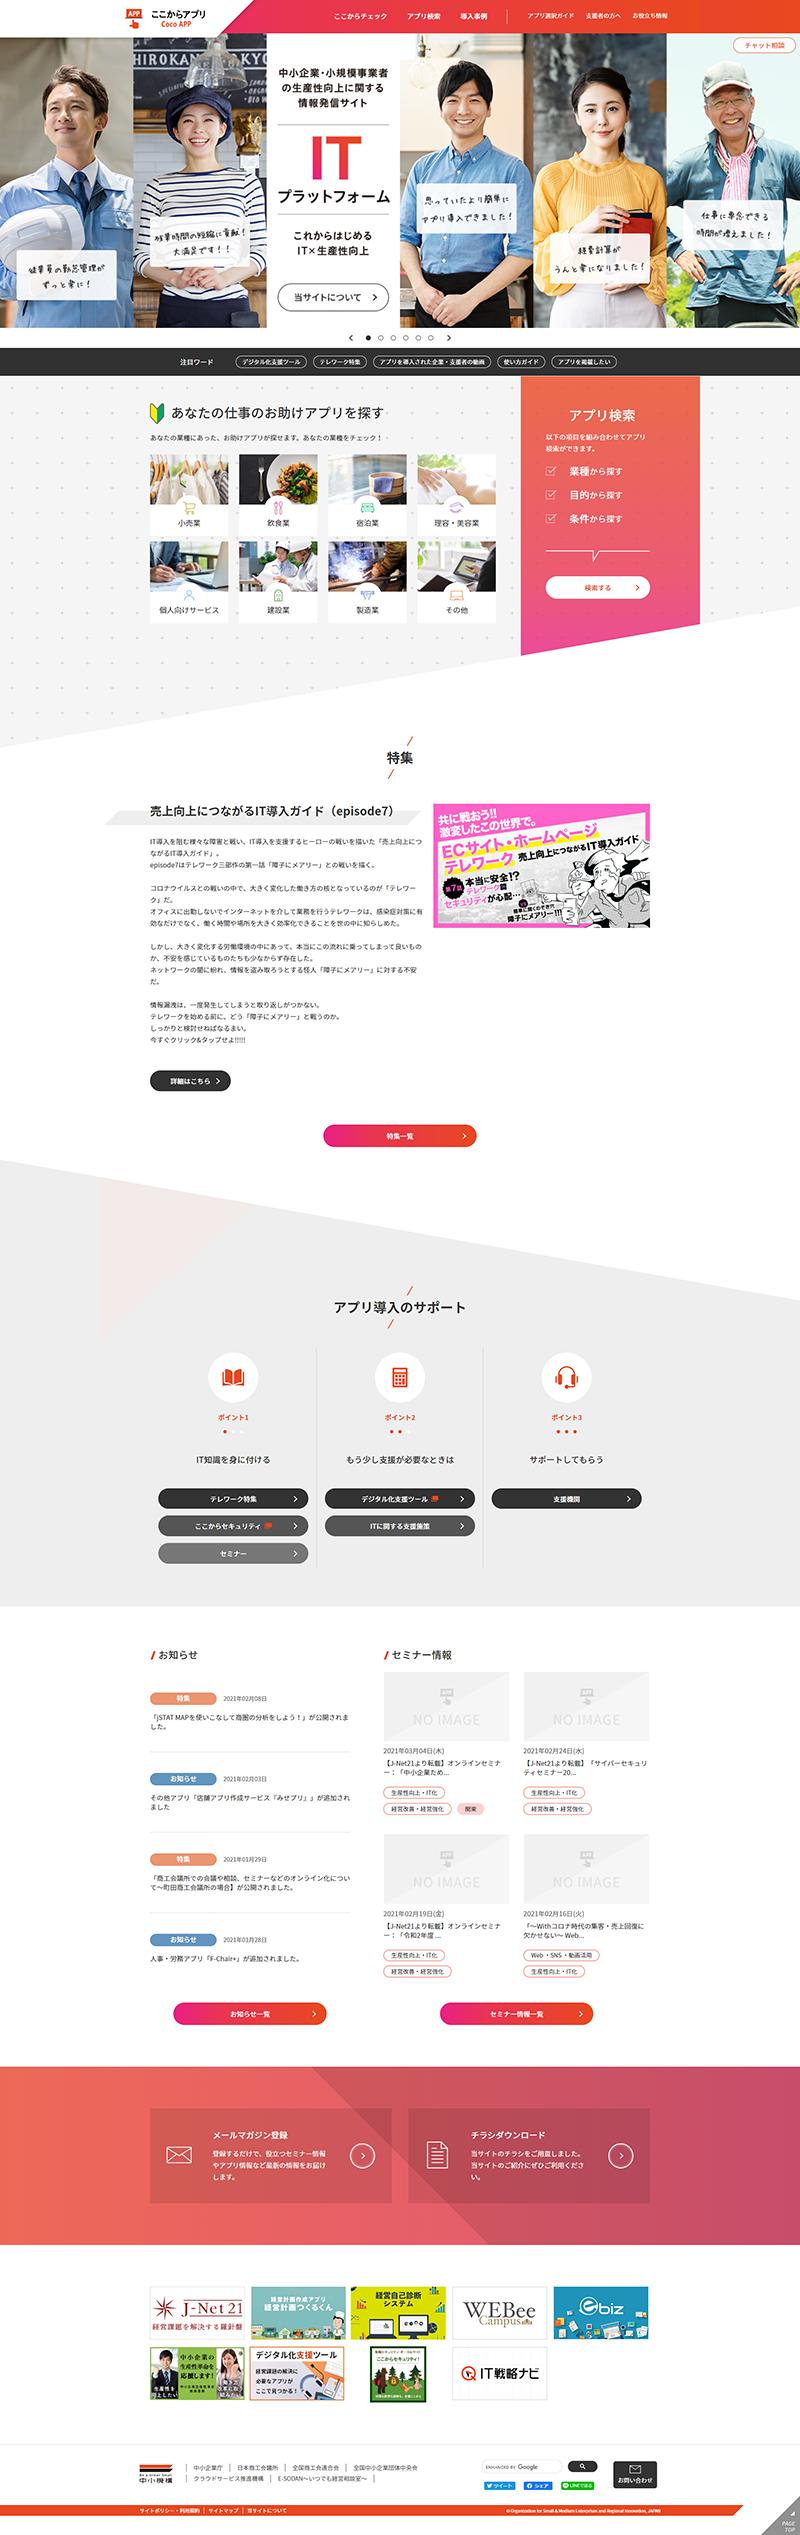 ホームページ制作実績(独)中小企業基盤整備機構 ここからアプリ